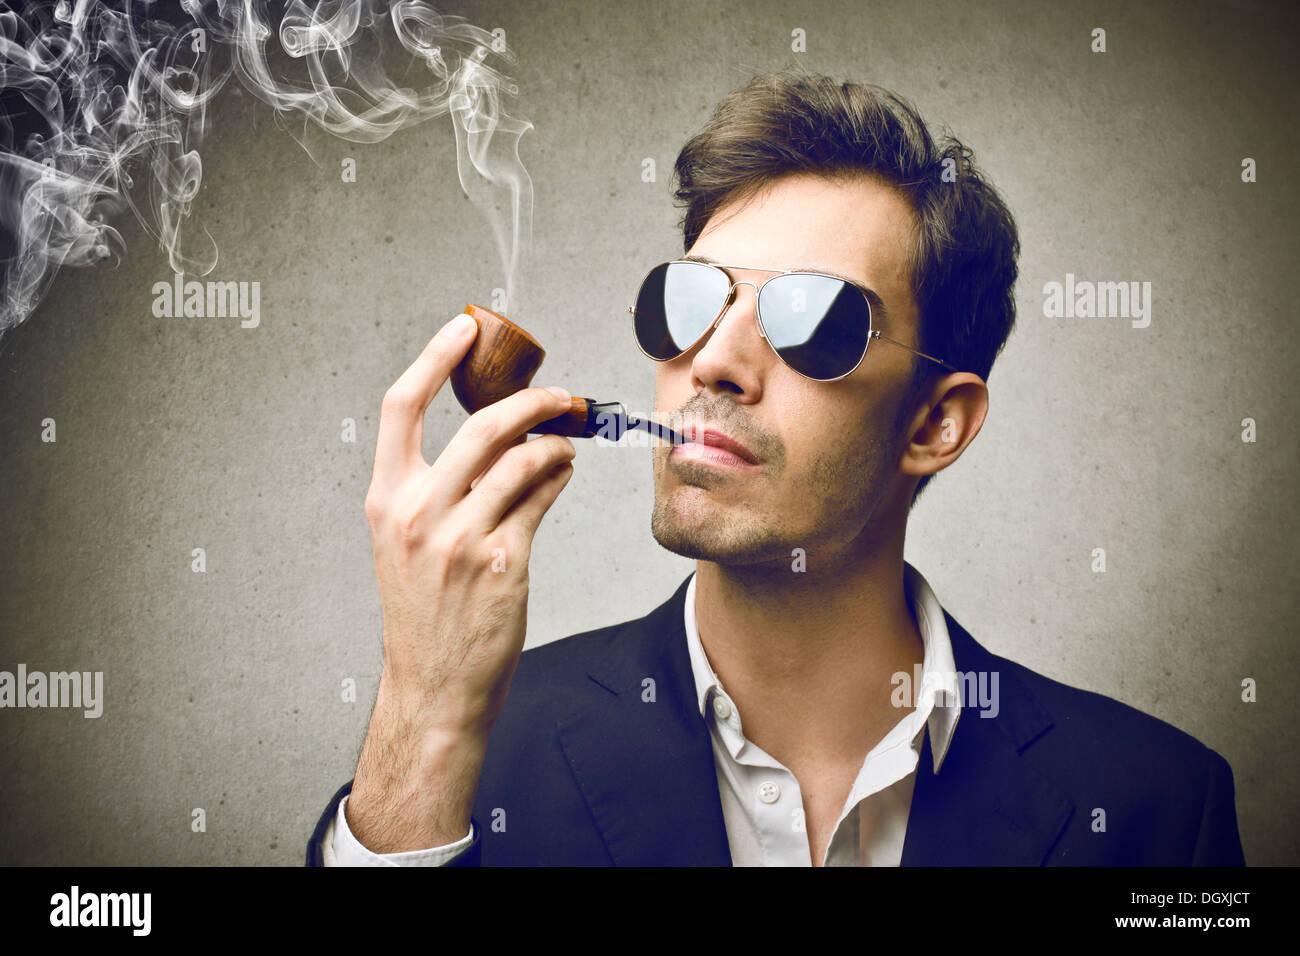 Junge und elegante Mann raucht eine Pfeife Stockbild